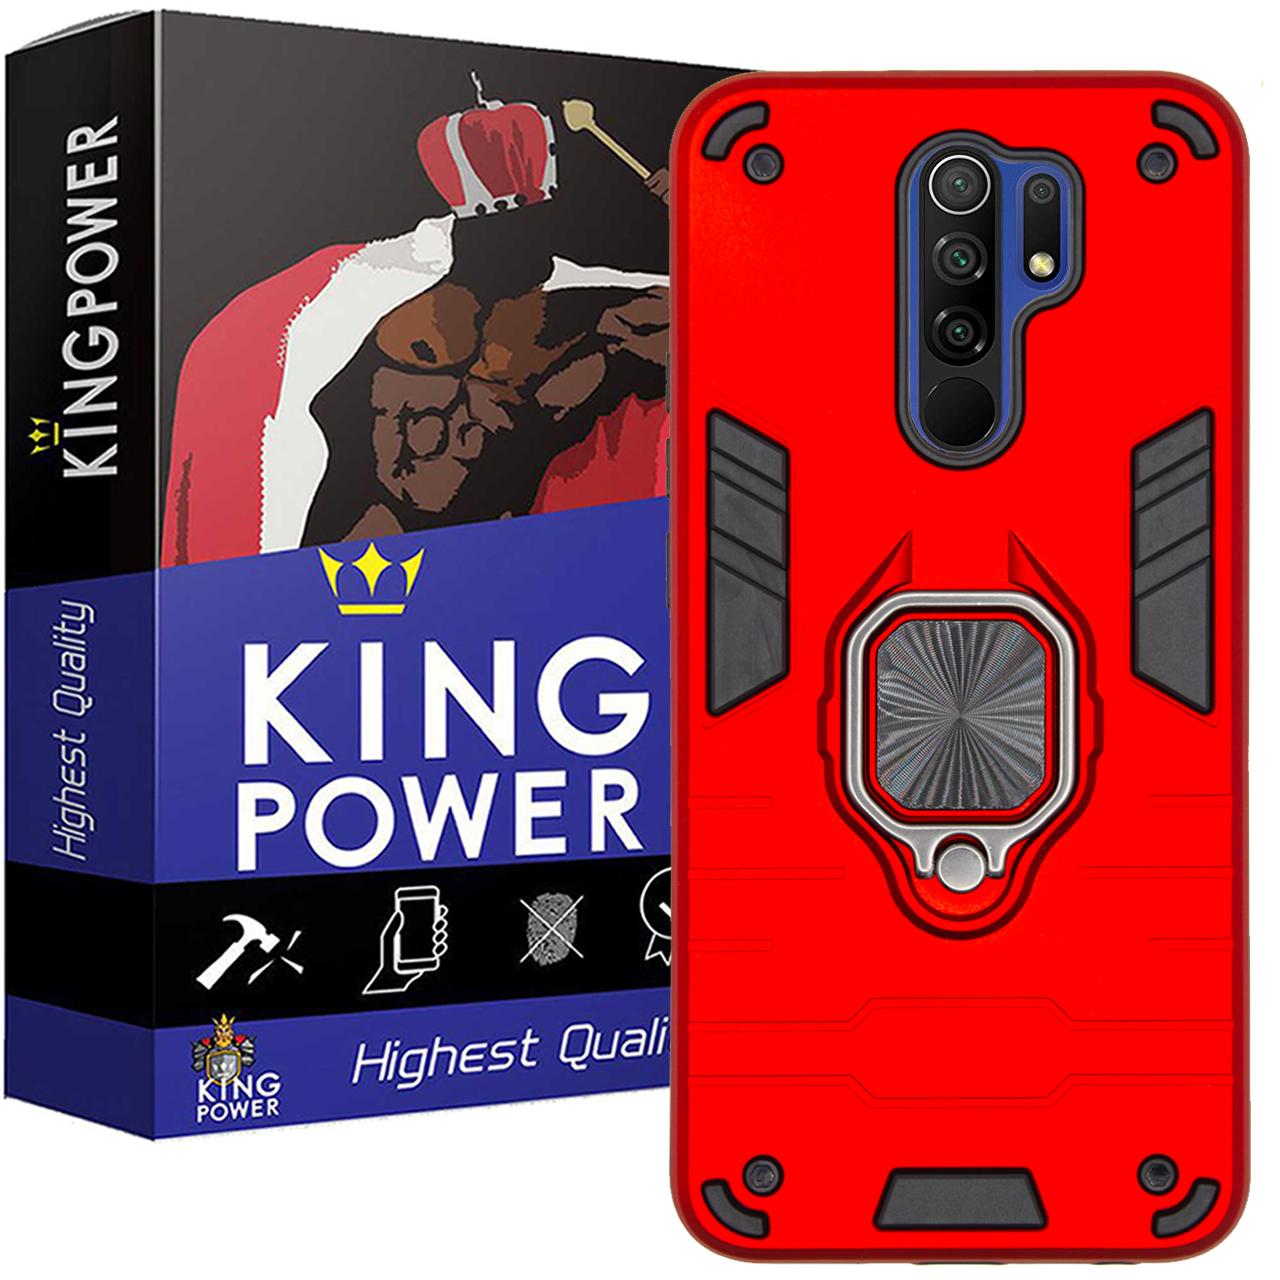 کاور کینگ پاور مدل ASH22 مناسب برای گوشی موبایل شیائومی Redmi 9 / Redmi 9 Prime main 1 1